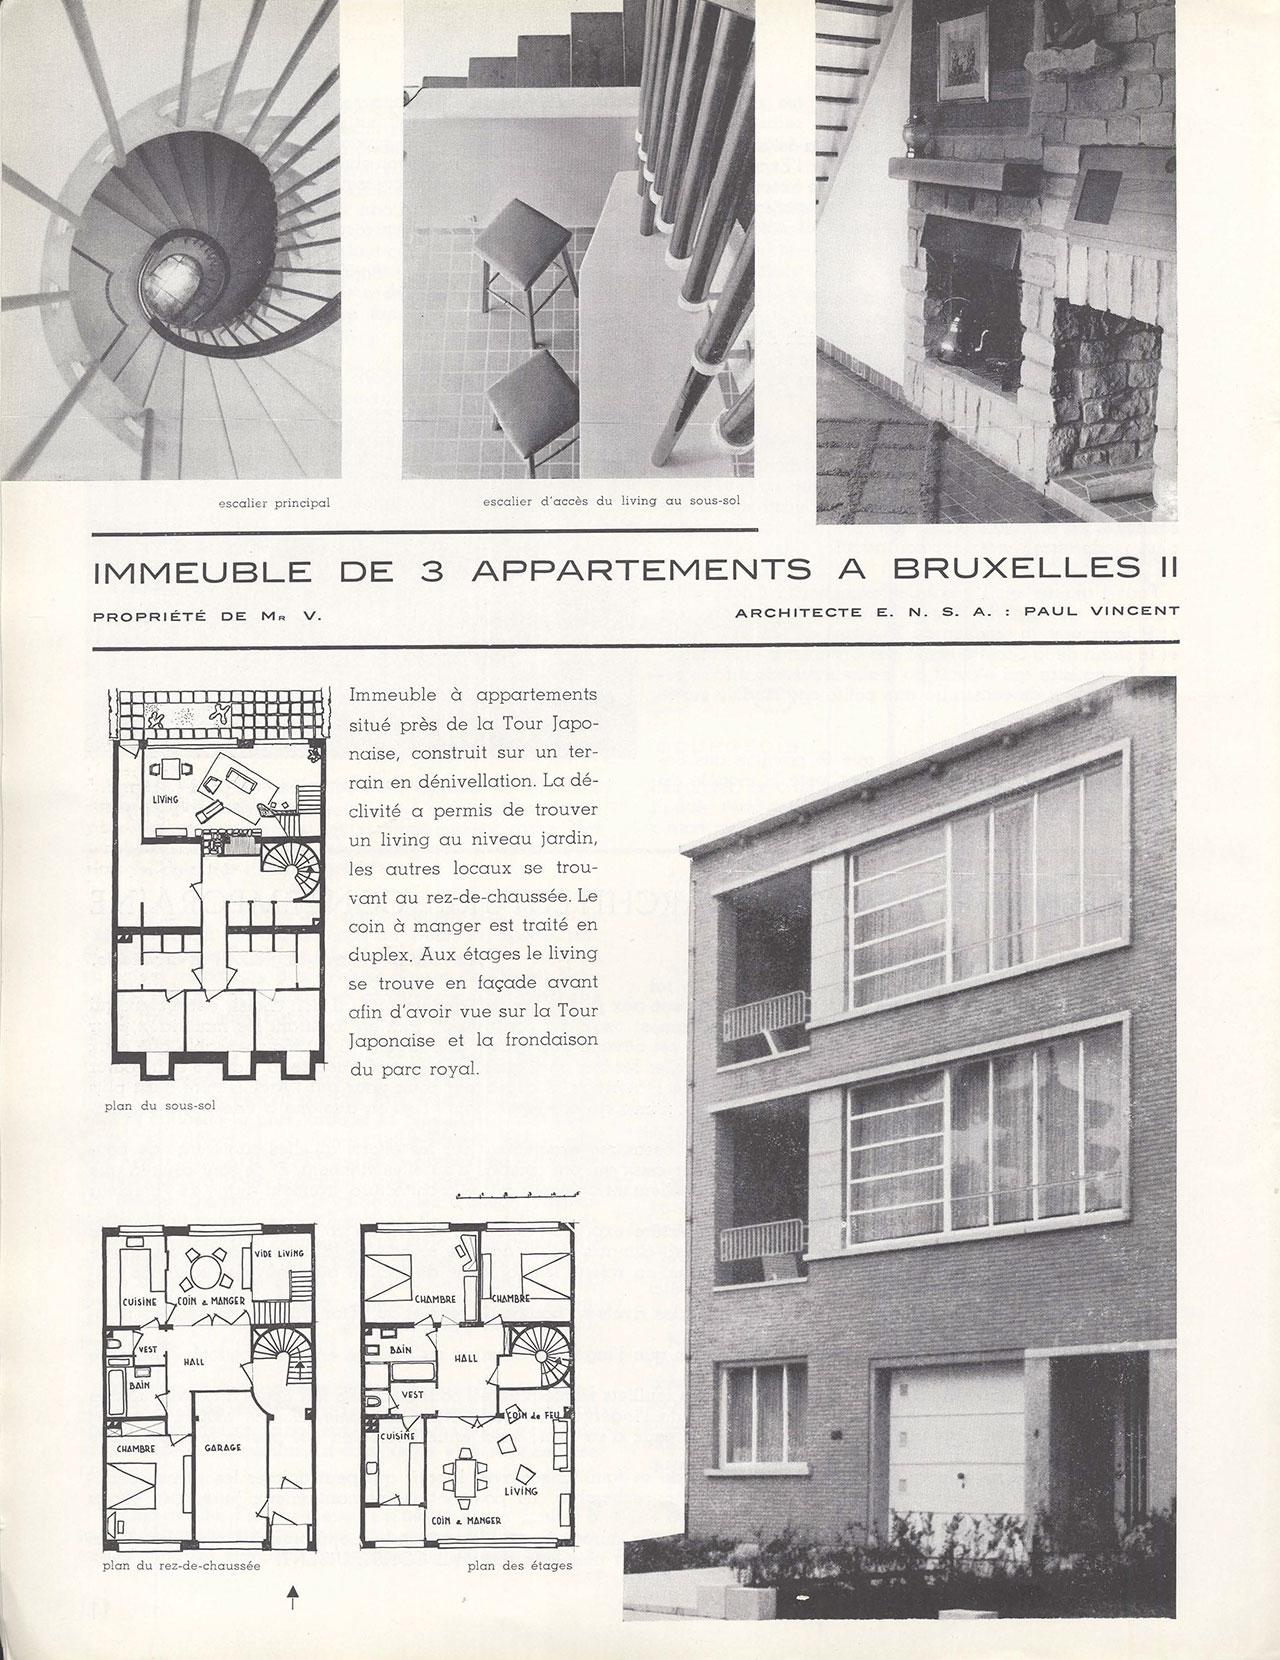 Immeuble de 3 Appartements à Bruxelles